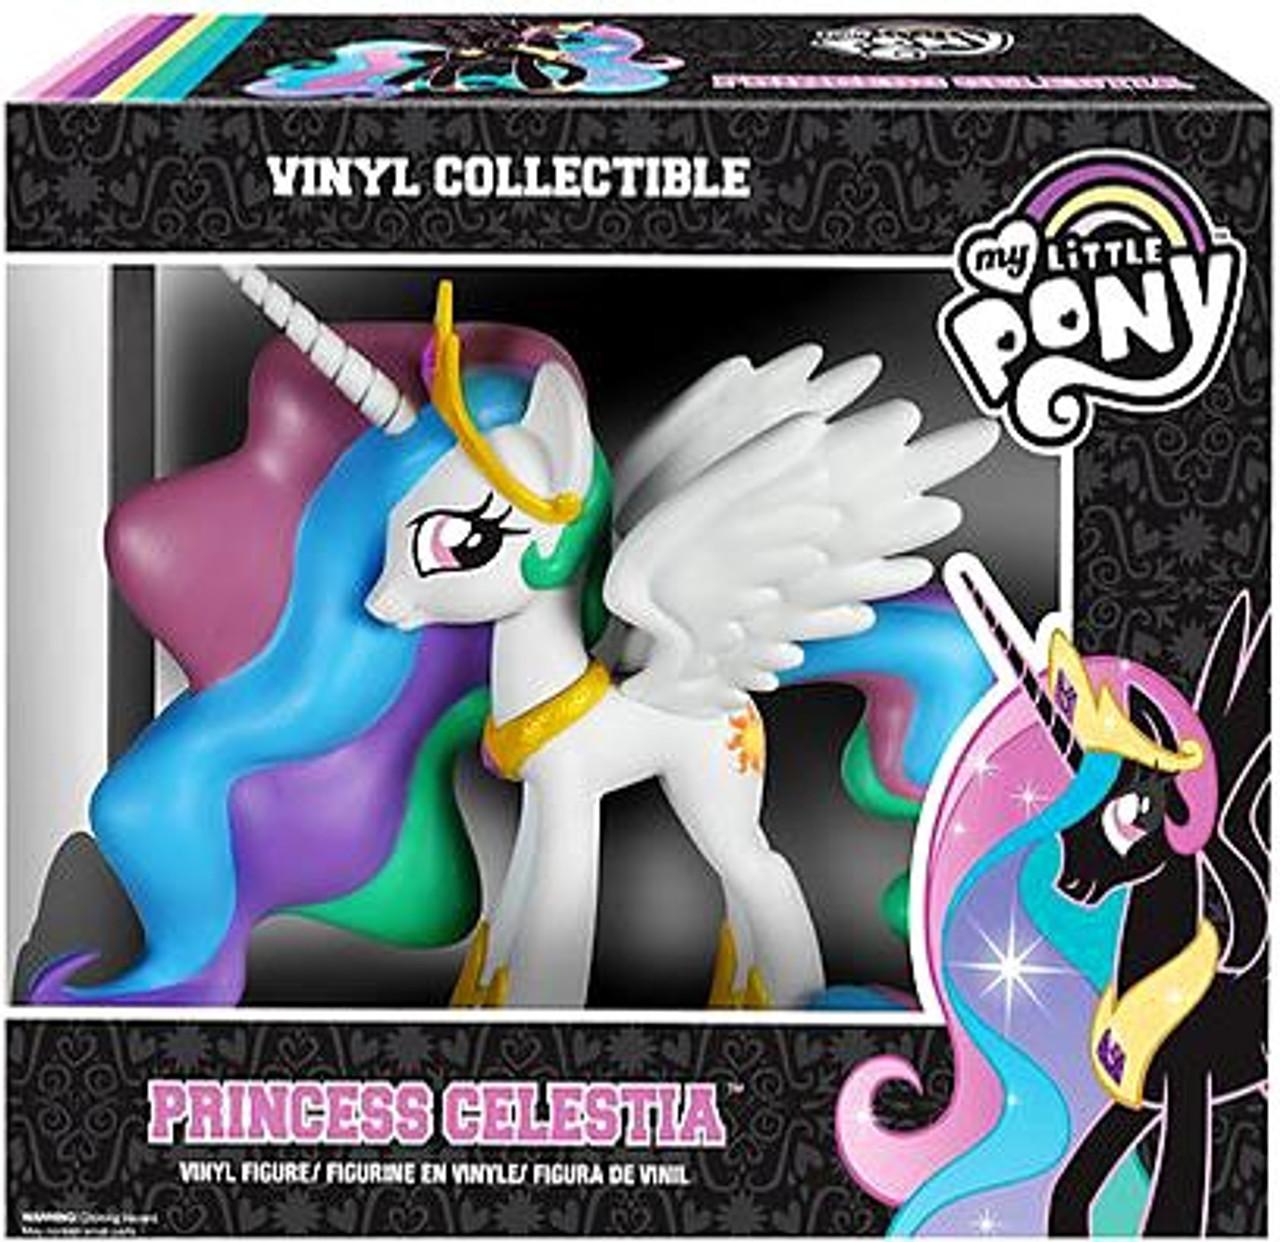 2076c4ea8ba Funko My Little Pony Vinyl Collectibles Princess Celestia Vinyl Figure -  ToyWiz